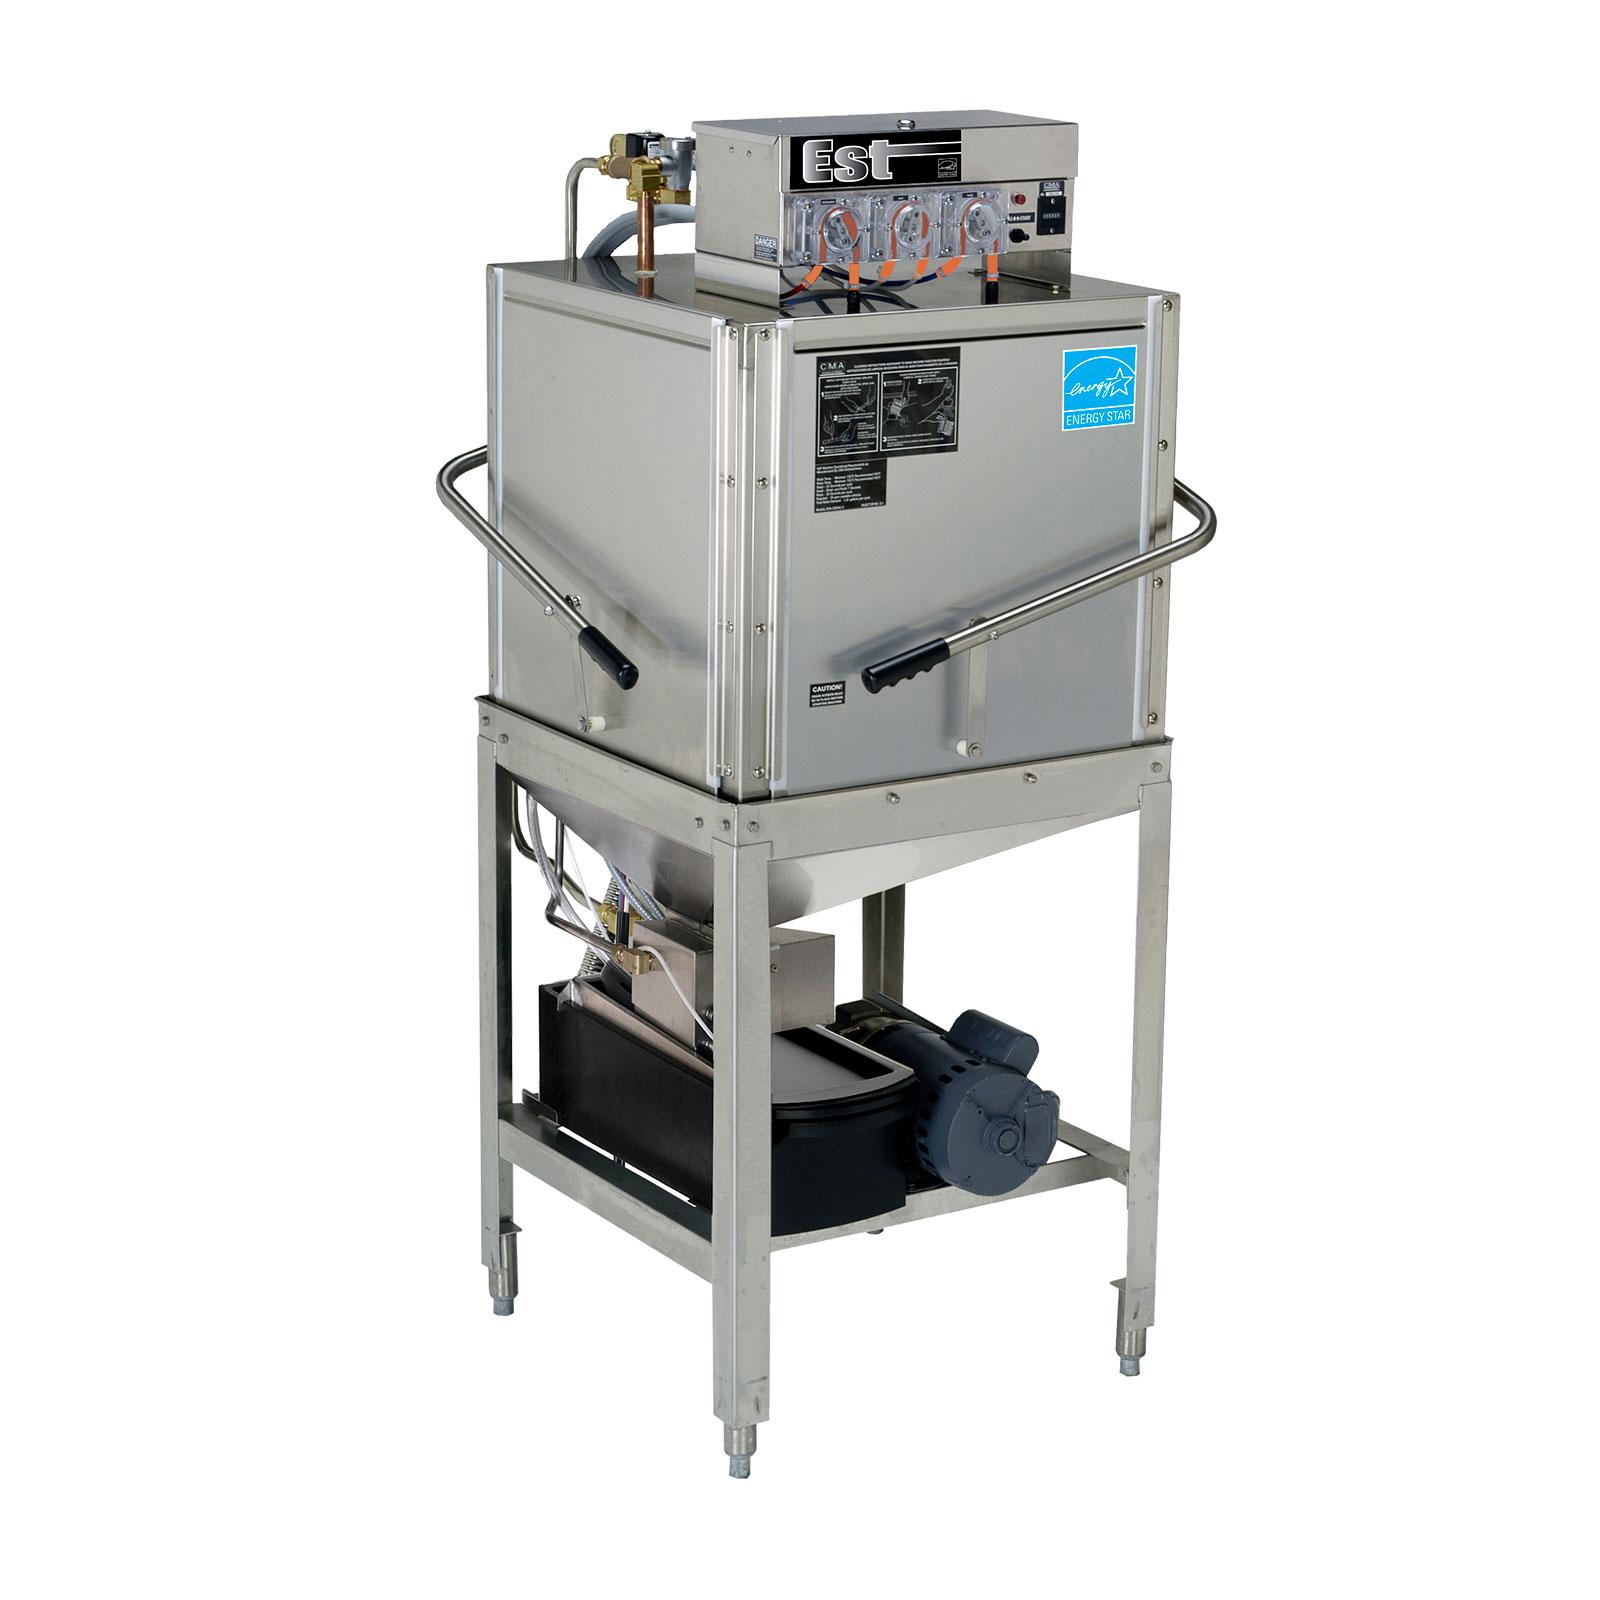 EST-C CMA Dishmachines dishwasher, door type